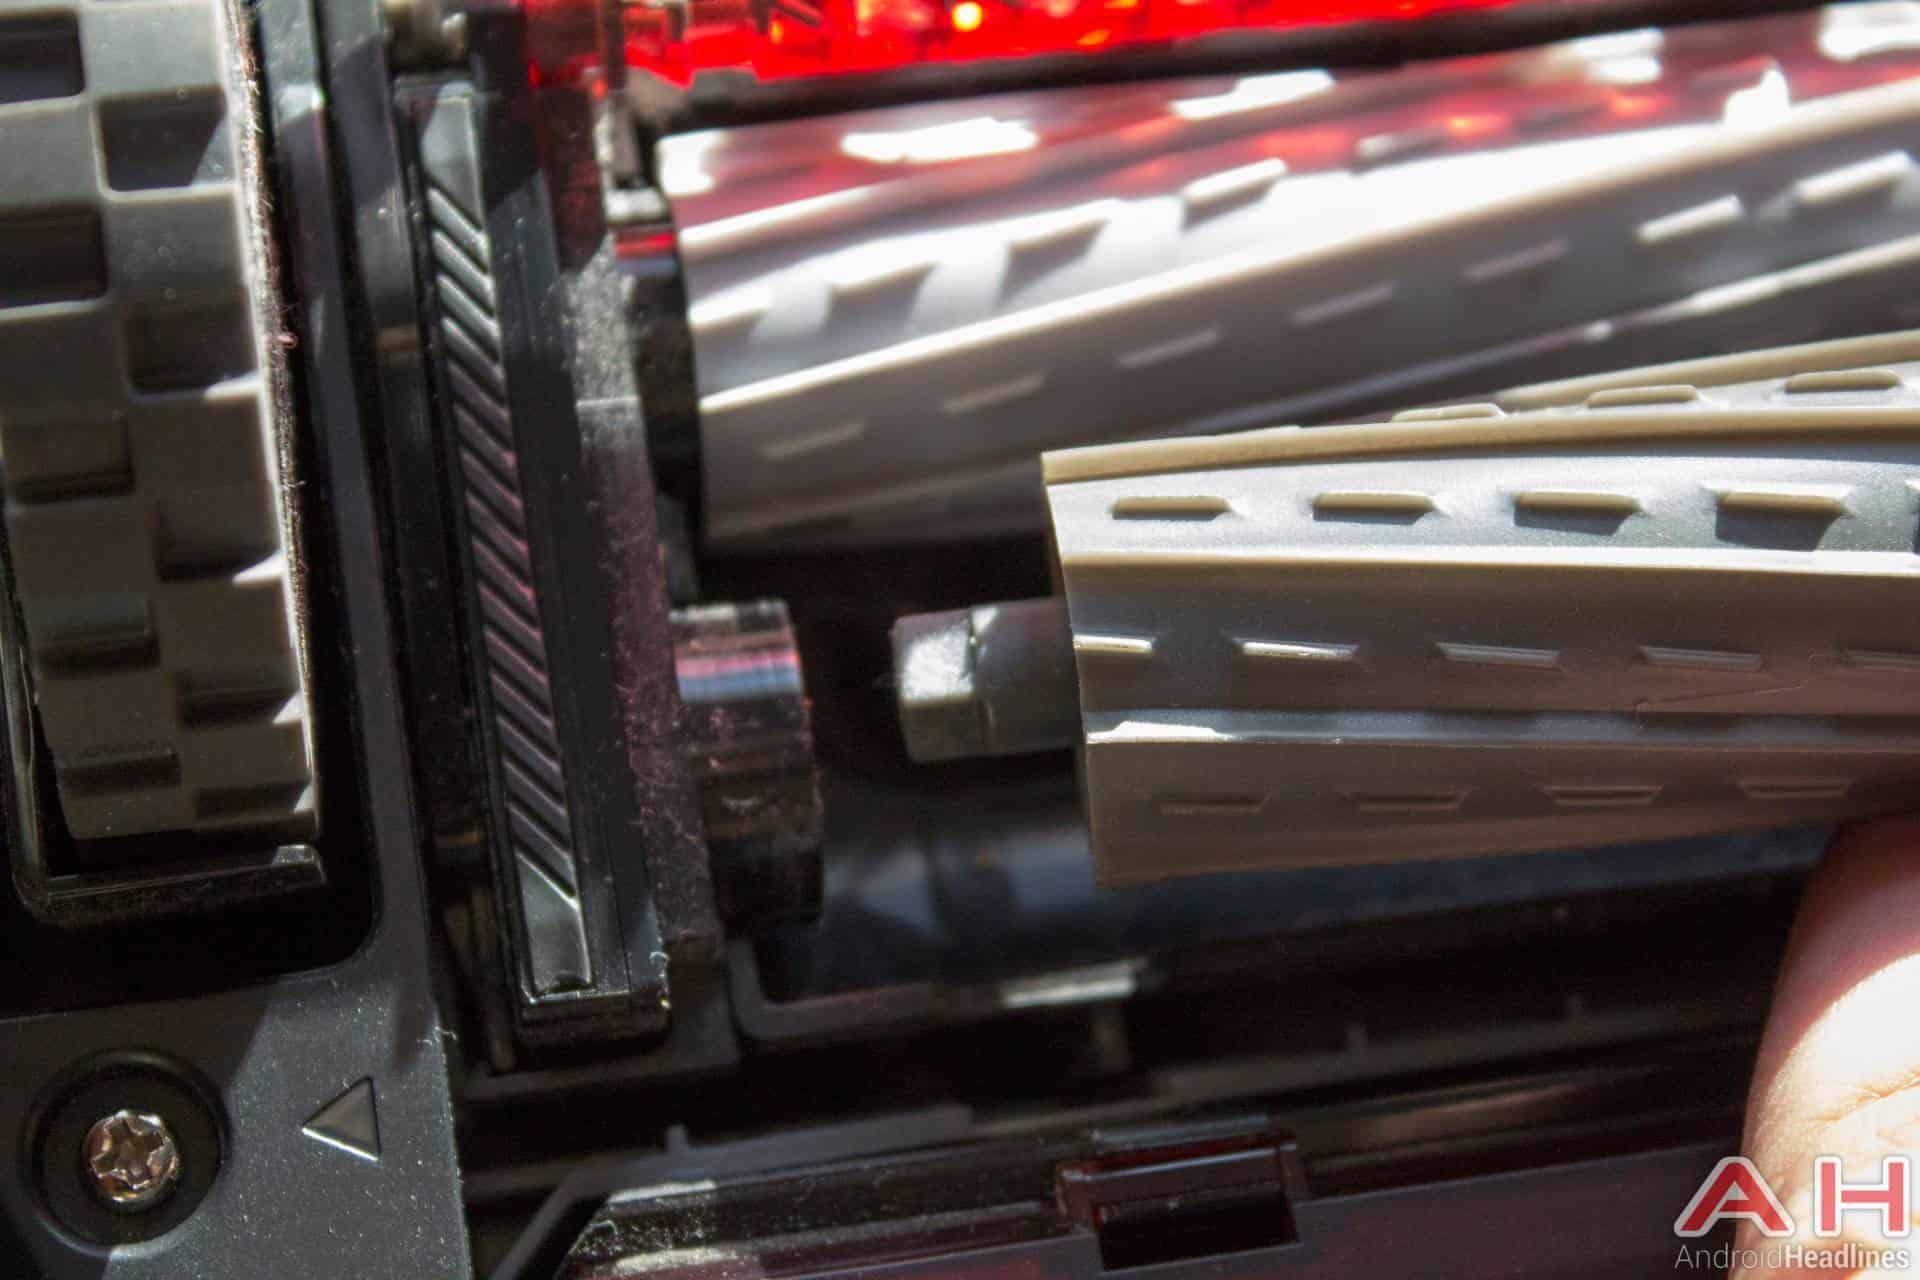 iRobot Roomba 980 AH NS dirt extractor 2